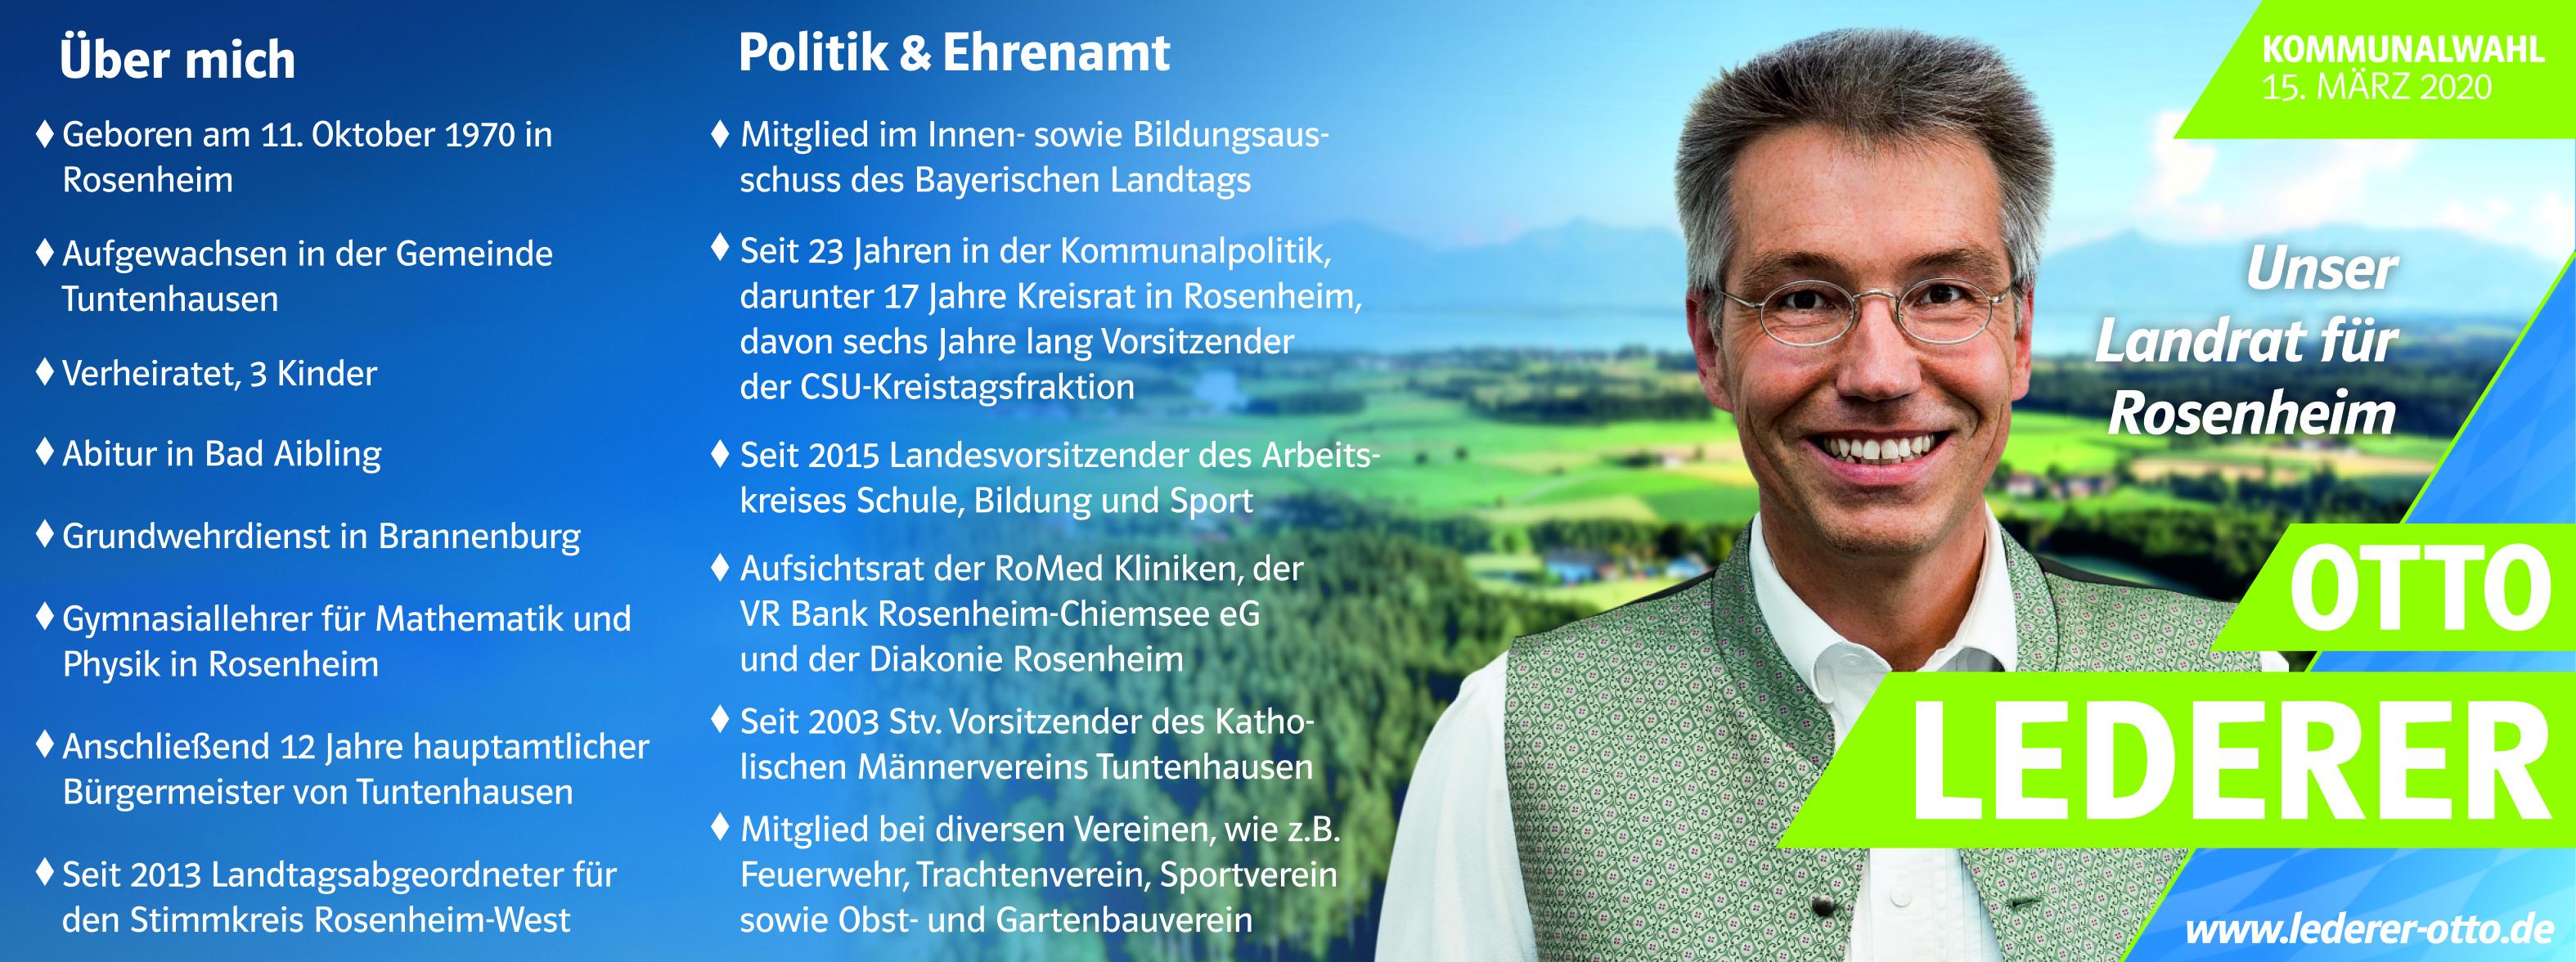 Landratskandidat Otto Lederer